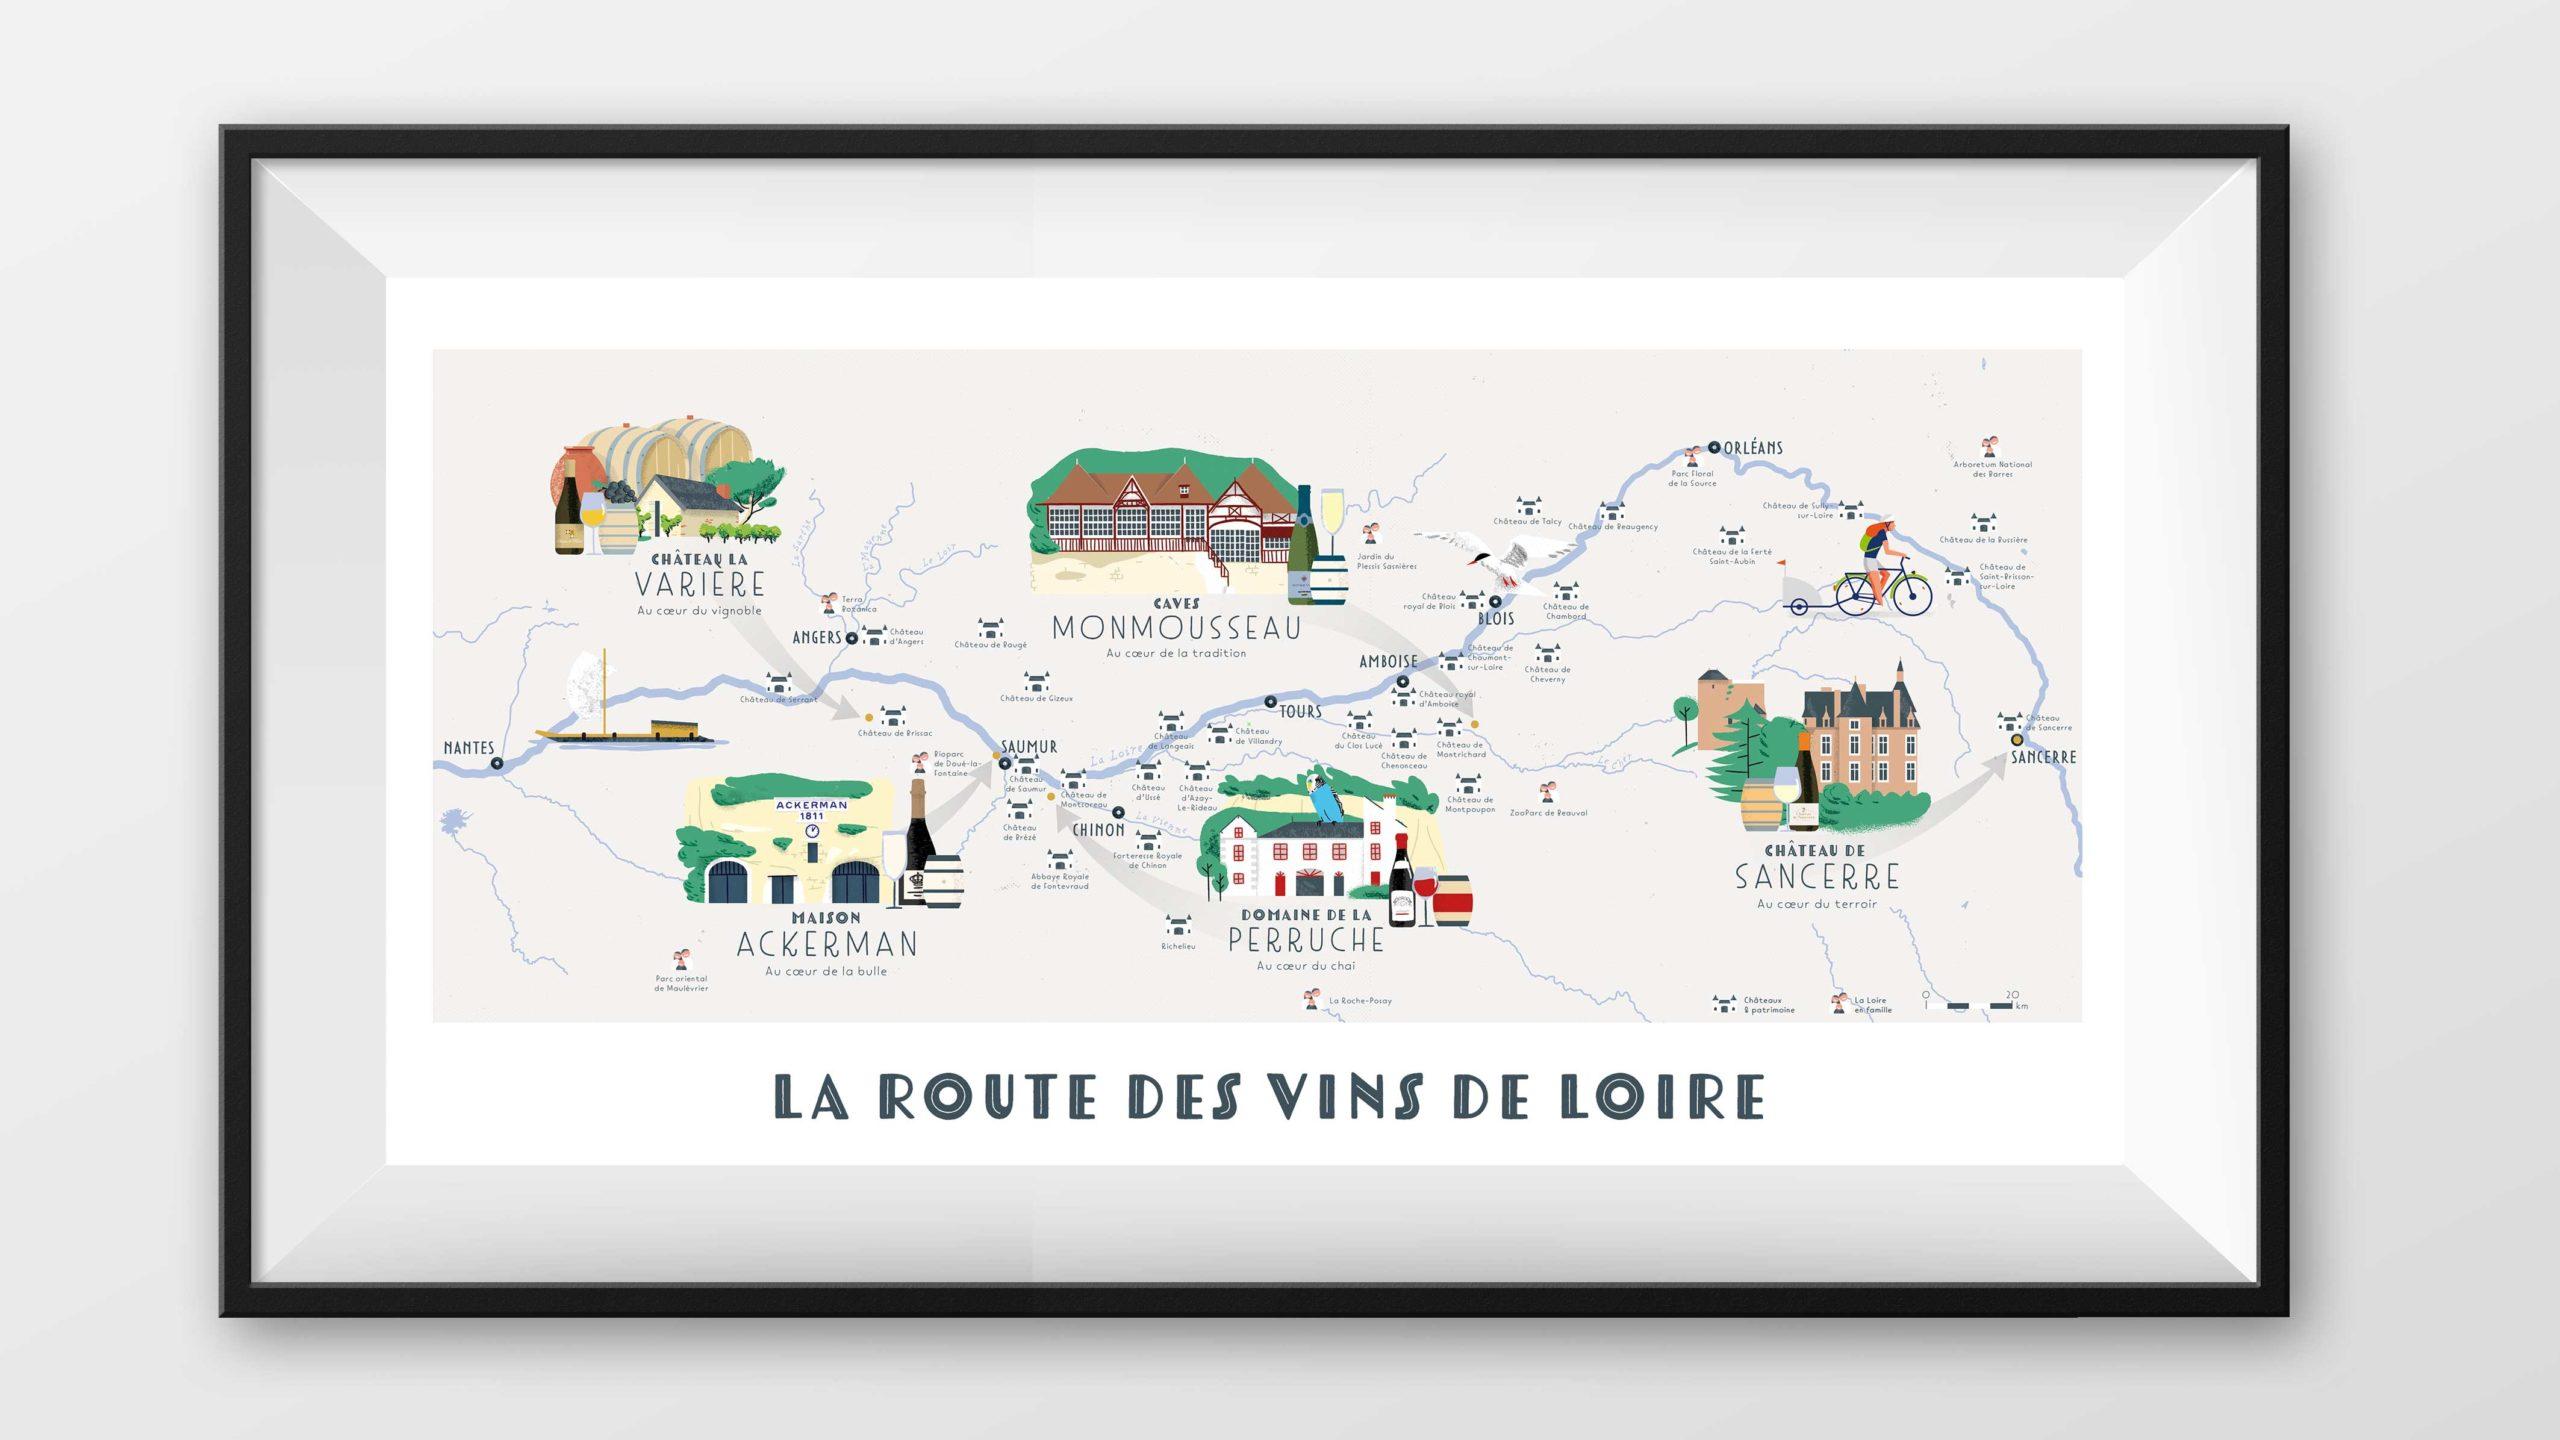 ackerman-orchidees-maisons-des-vins-carte-Loire-illustration